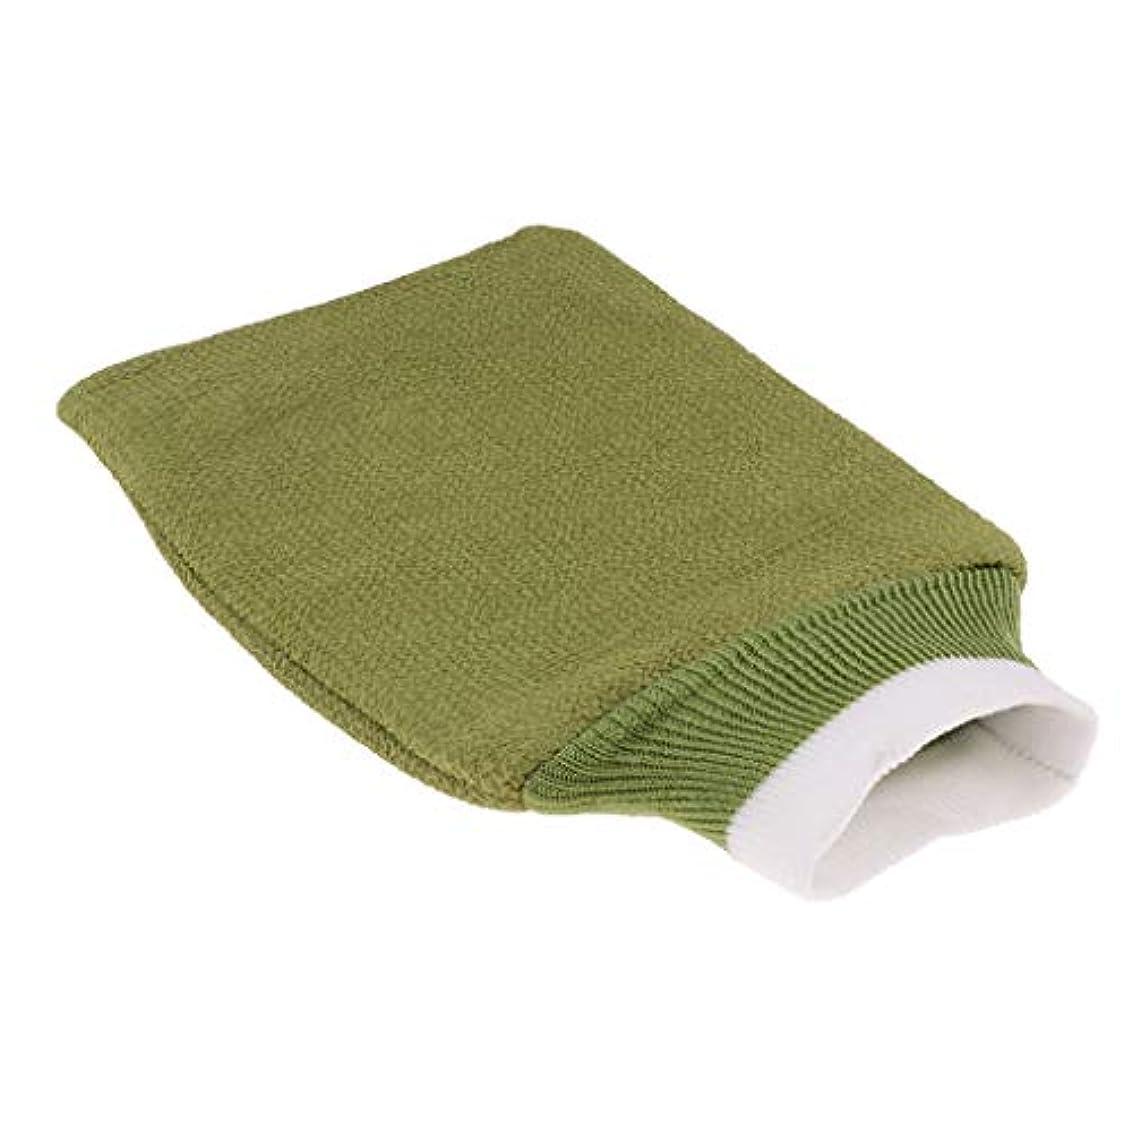 悪名高いオズワルド火山のgazechimp バスグローブ 浴用手袋 シャワー用 バスミット 垢すり手袋 毛穴清潔 角質除去 男女兼用 全3色 - 緑